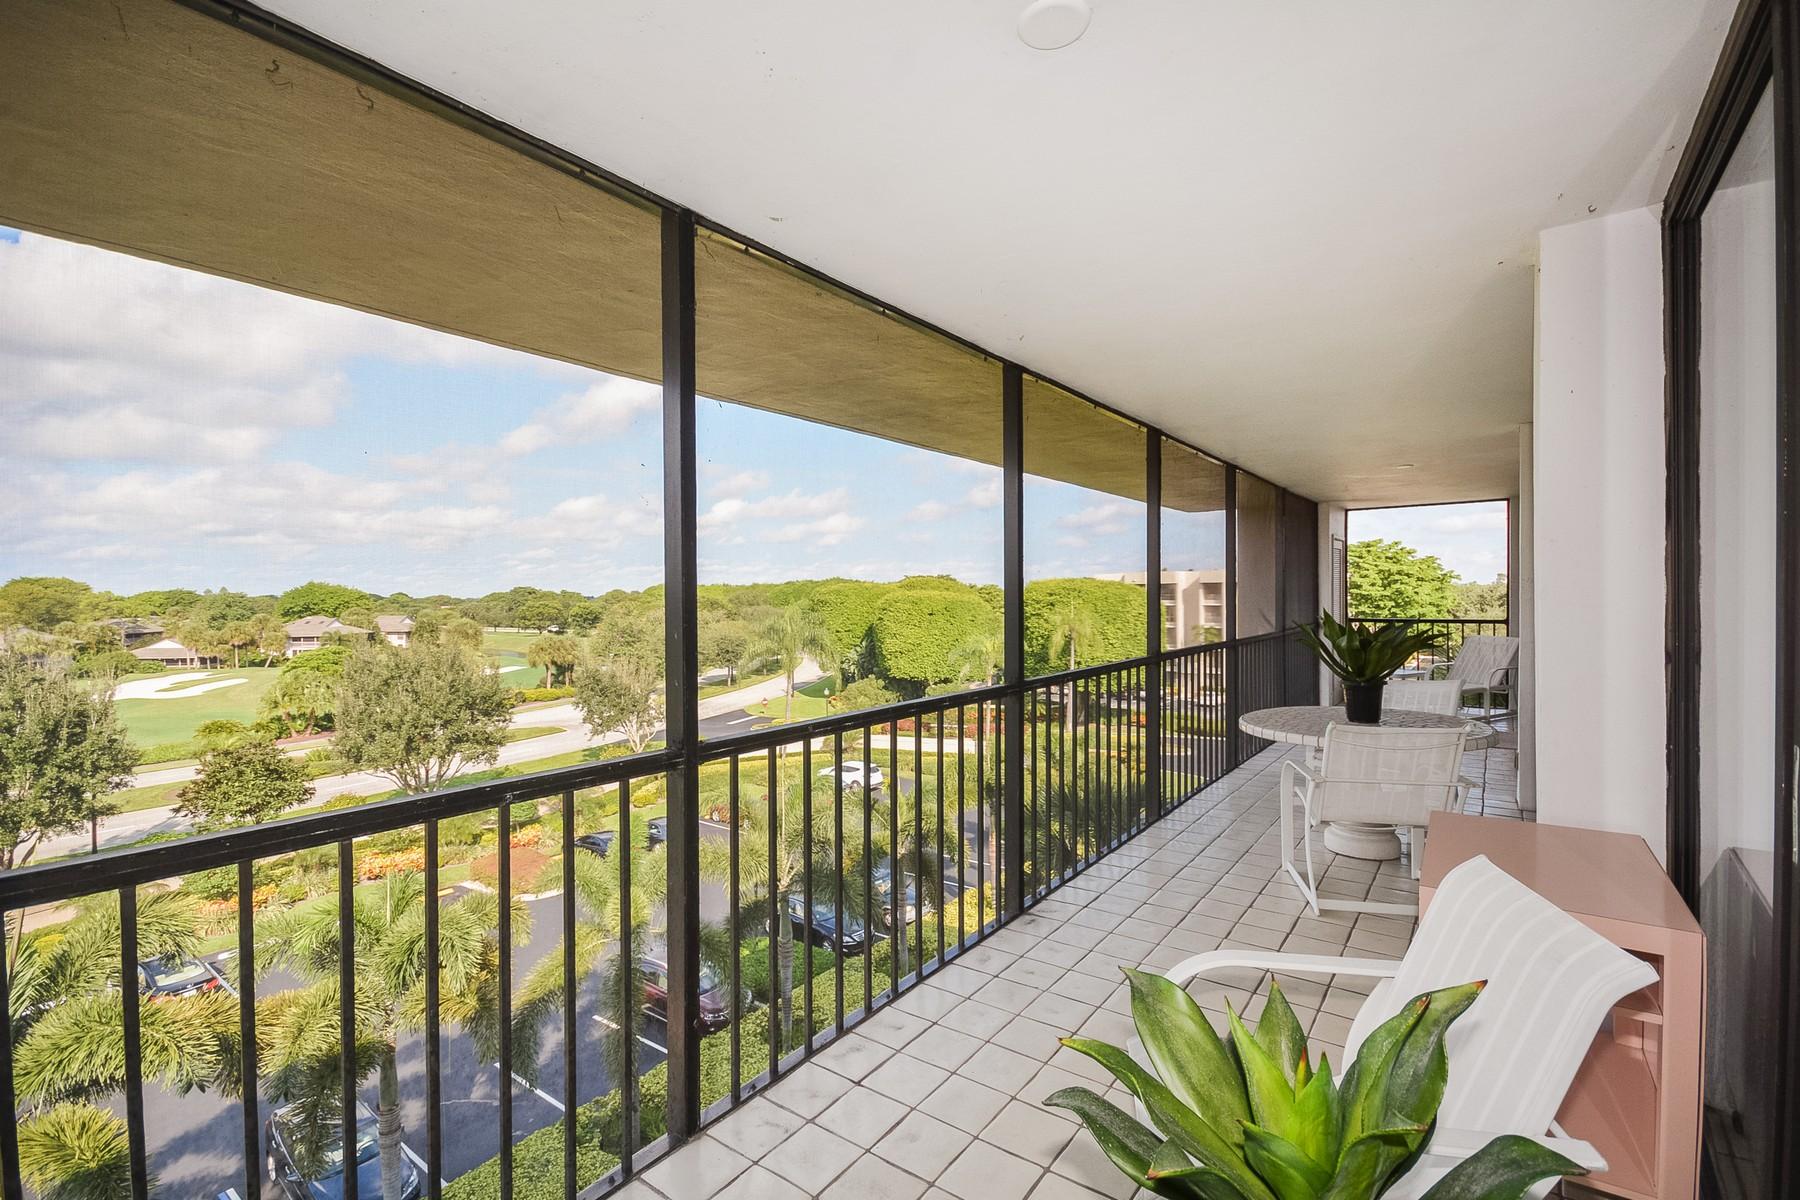 Кооперативная квартира для того Продажа на 20110 Boca West Dr , 251, Boca Raton, FL 33434 20110 Boca West Dr 251 Boca Raton, Флорида 33434 Соединенные Штаты